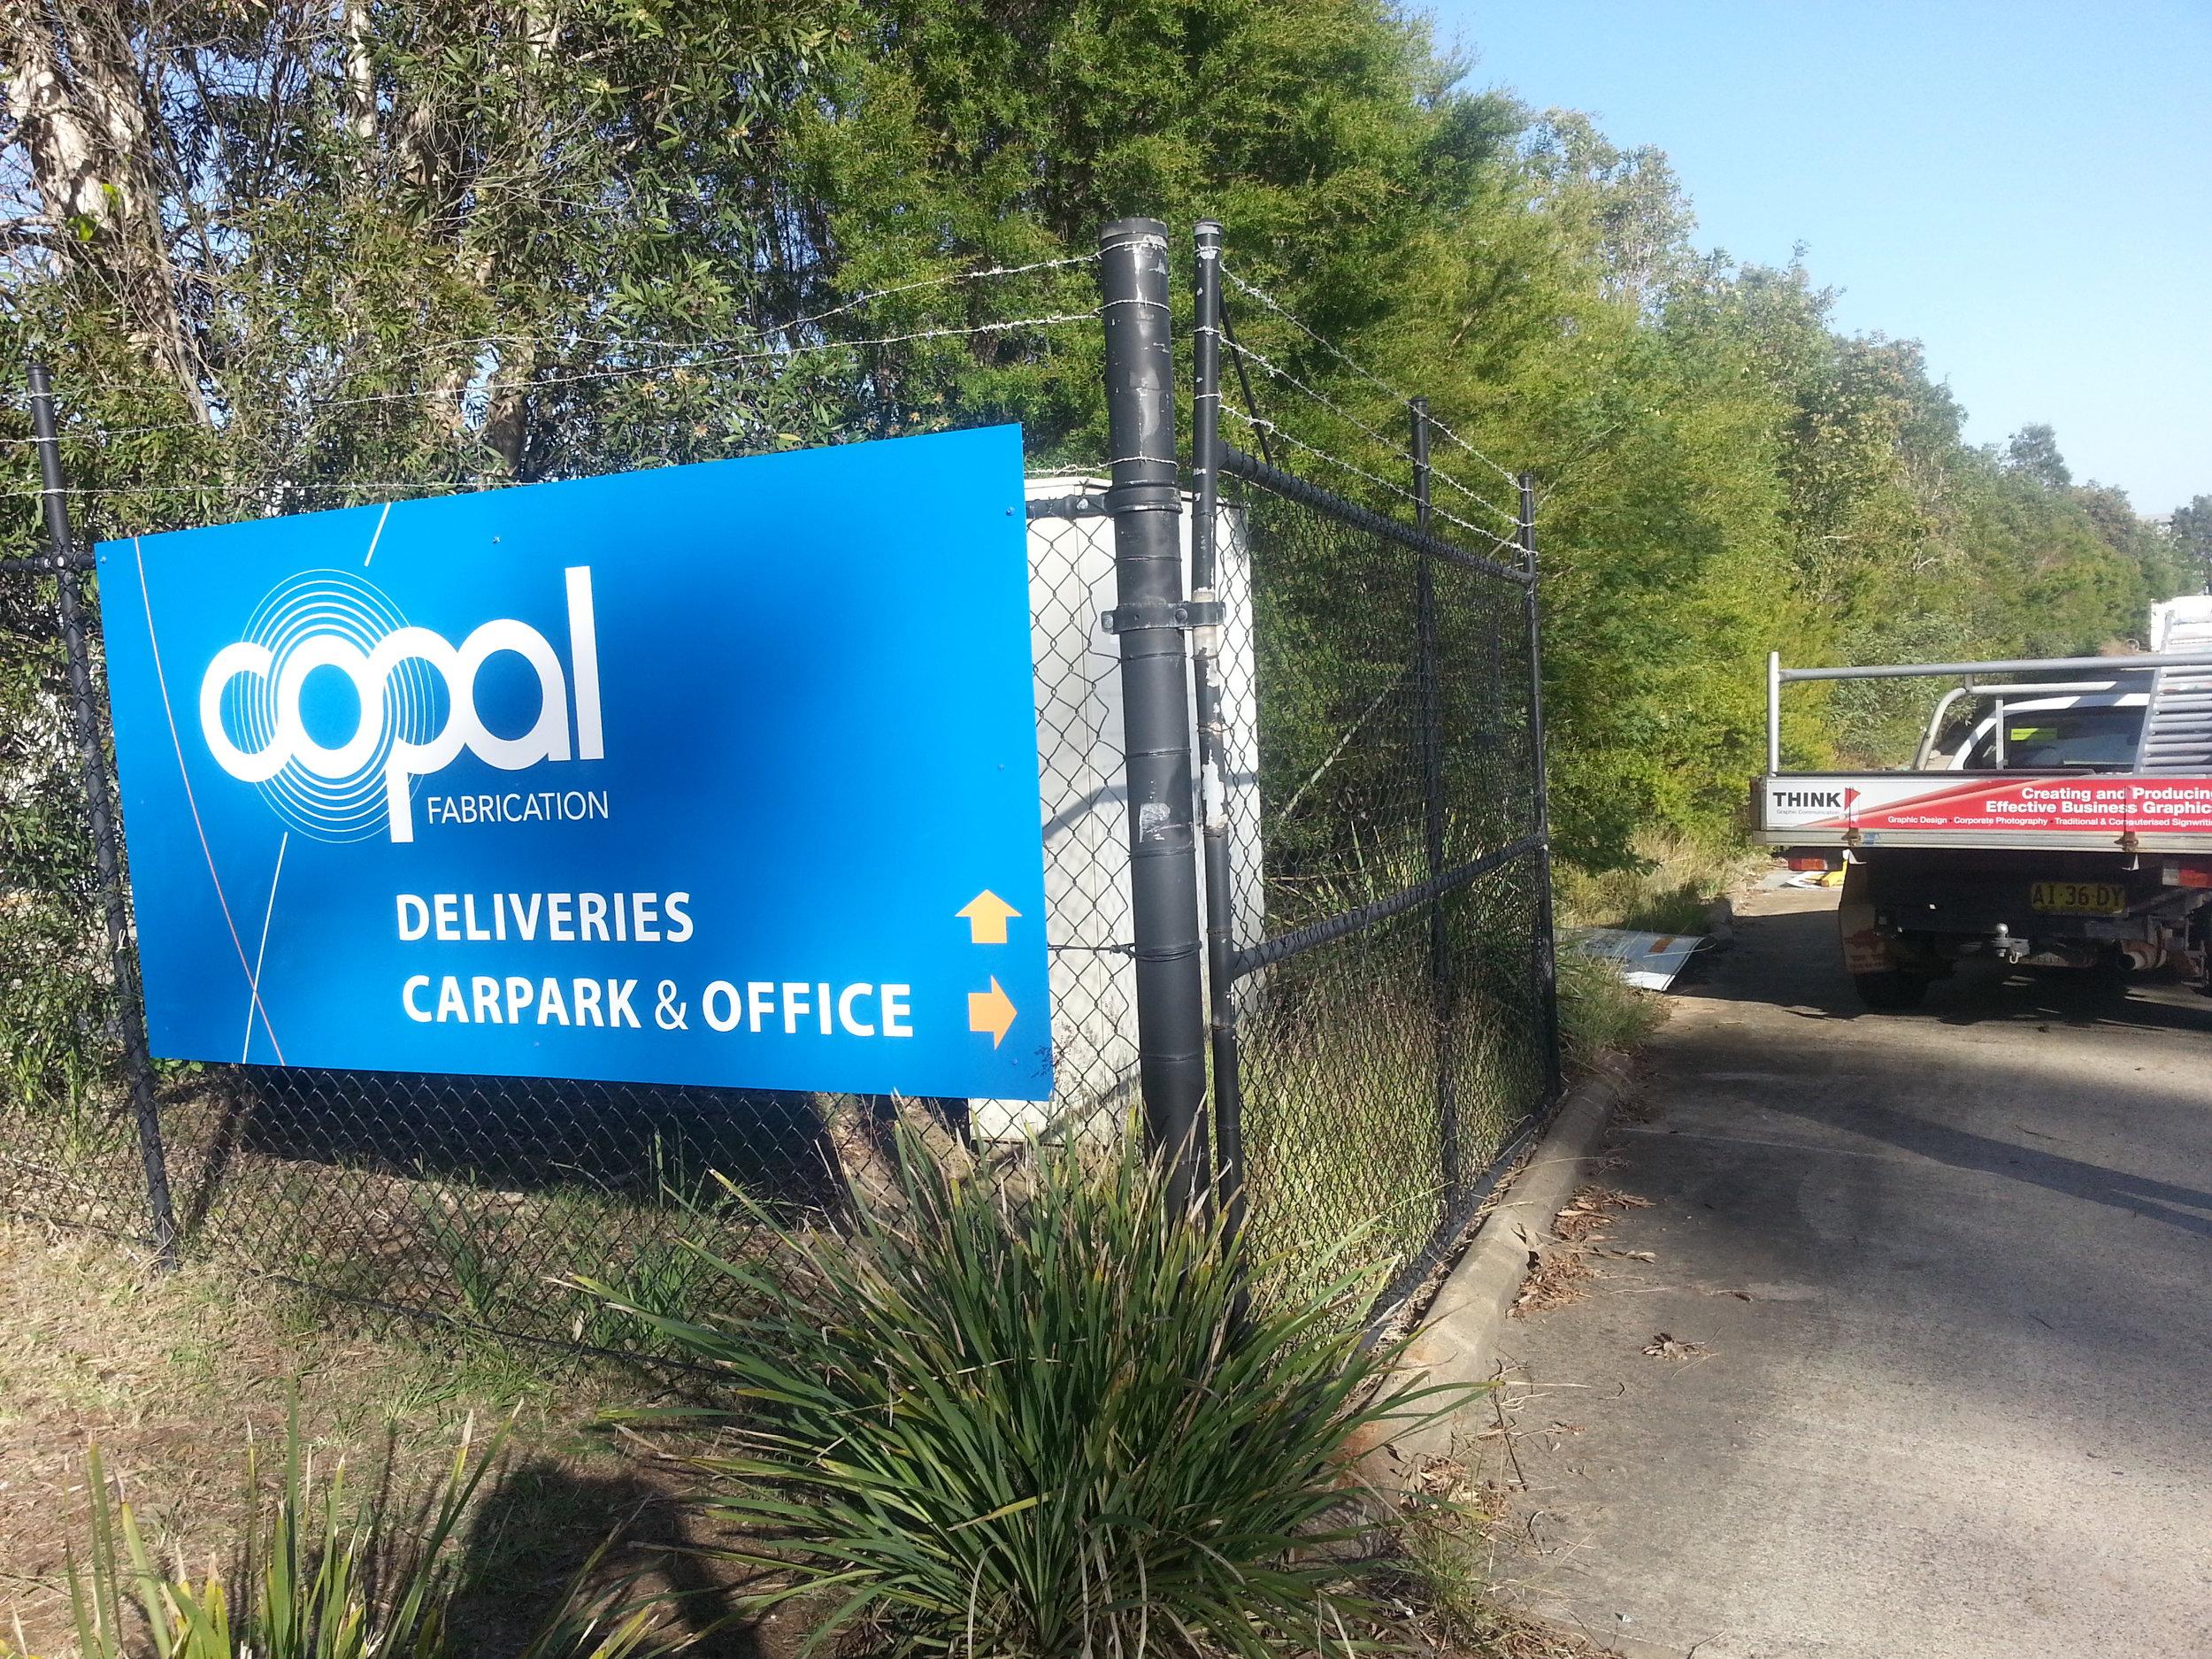 Copal gate sign